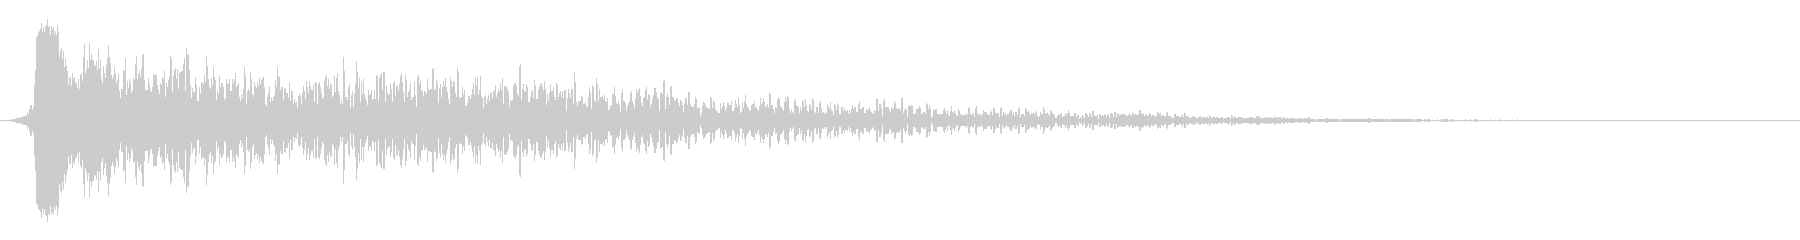 ニューロトロニックマトリックス3の未再生の波形